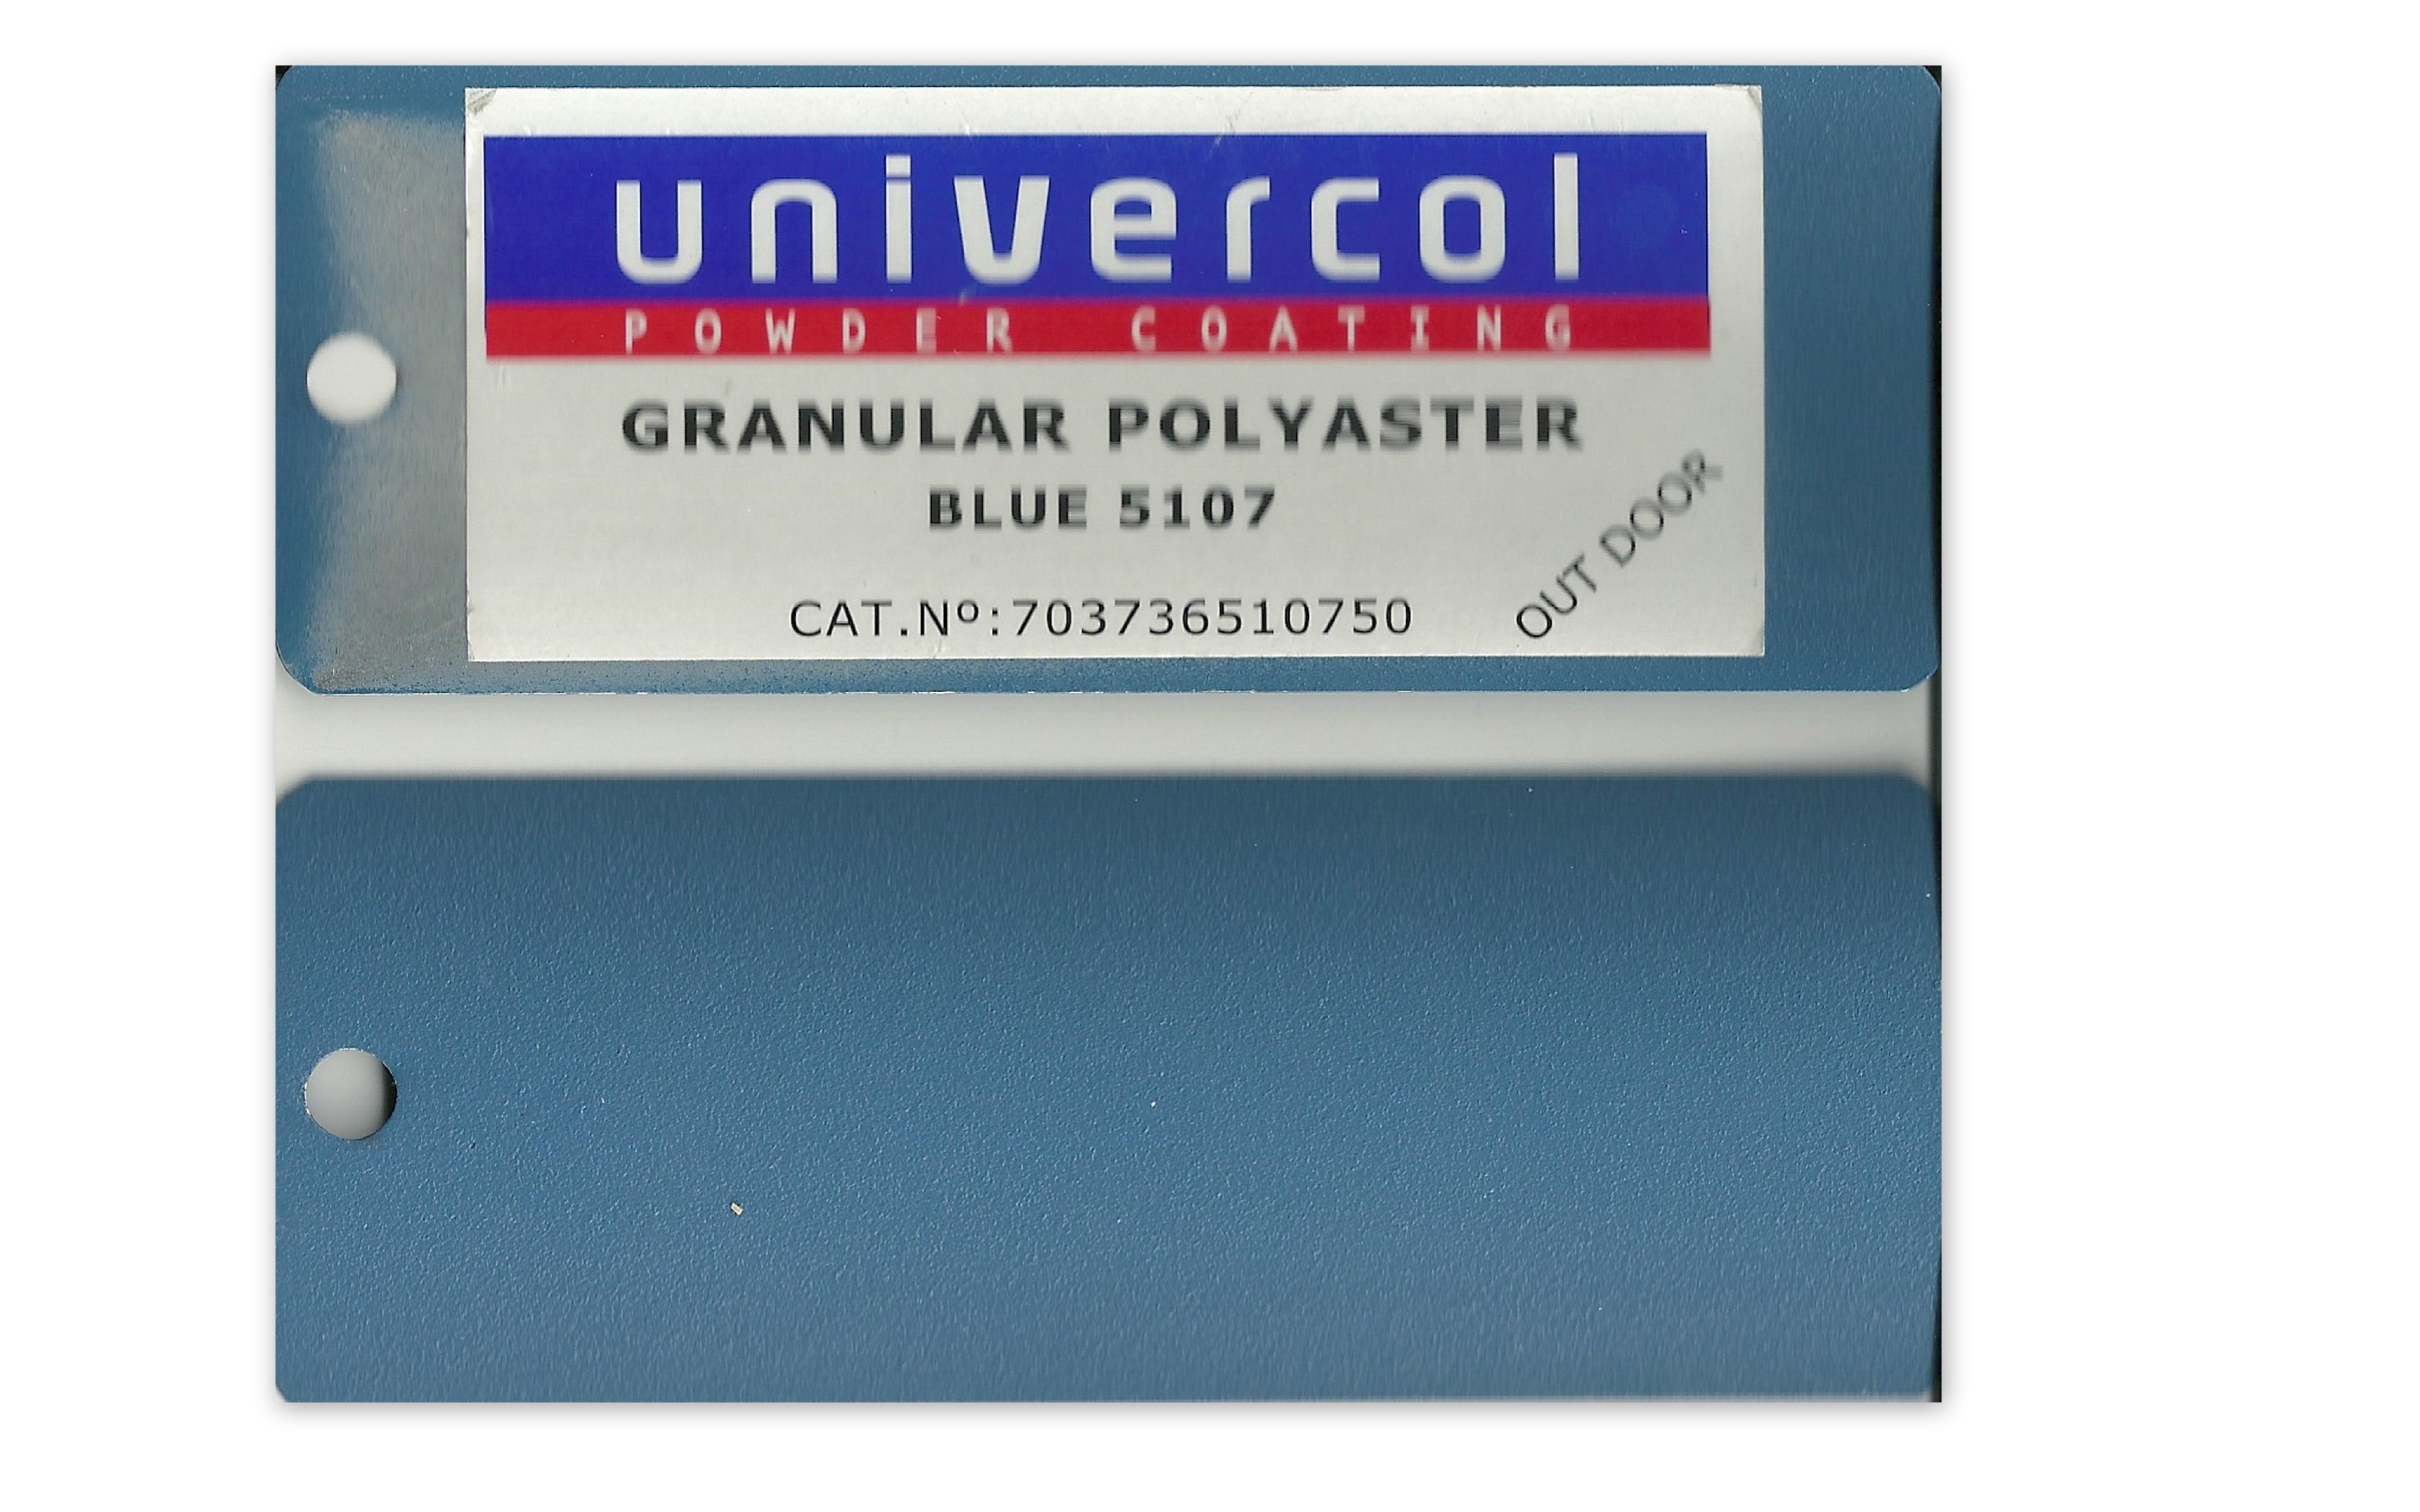 פרגולות אלומיניום - קטלוג צבעים - אוניברקול נירלט